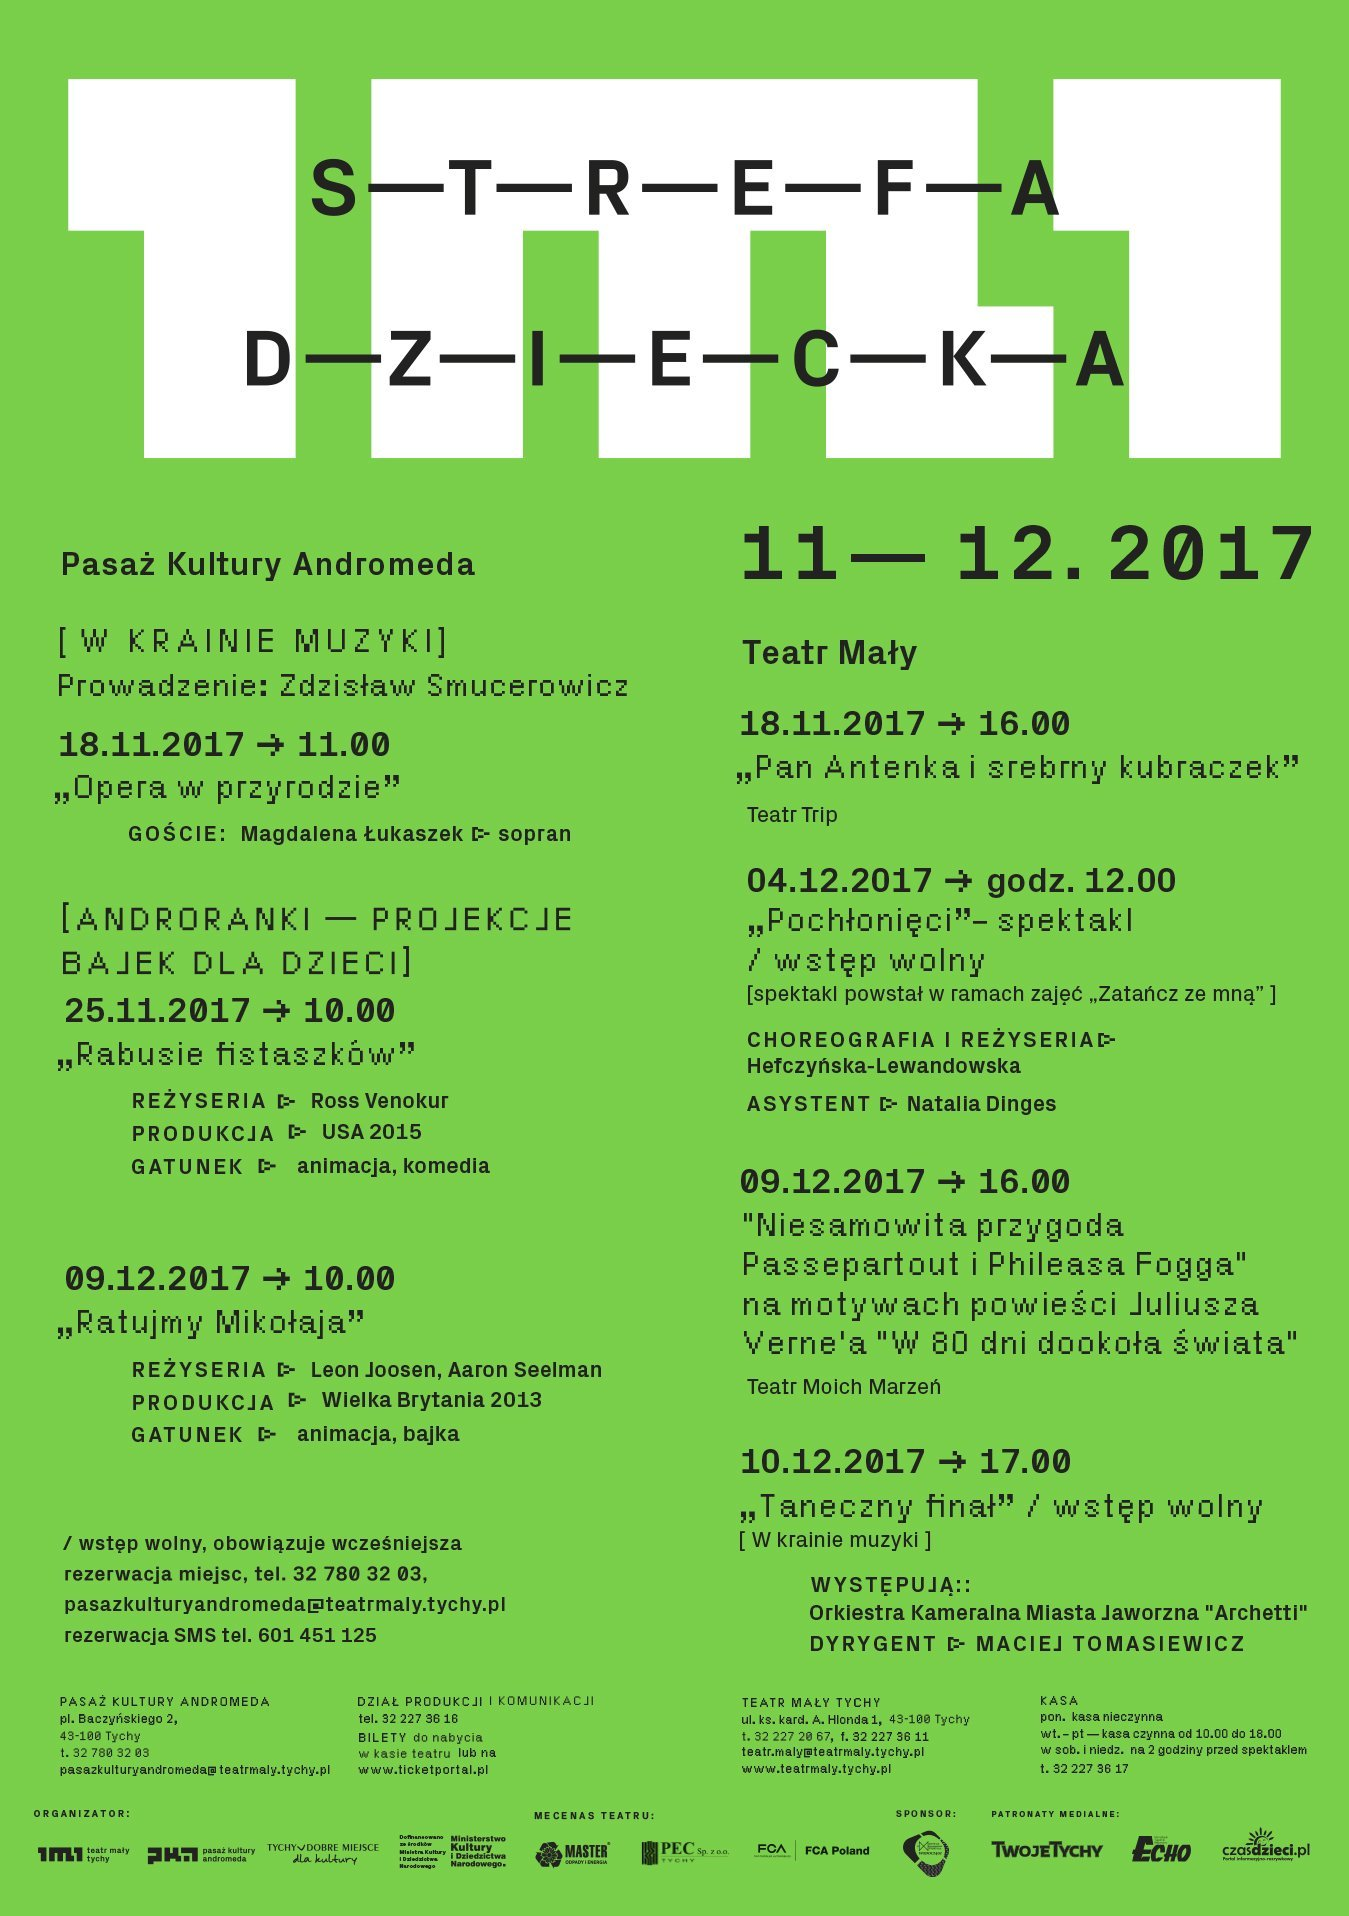 Strefa Dziecka w Teatrze Małym w listopadzie i grudniu - Tychy